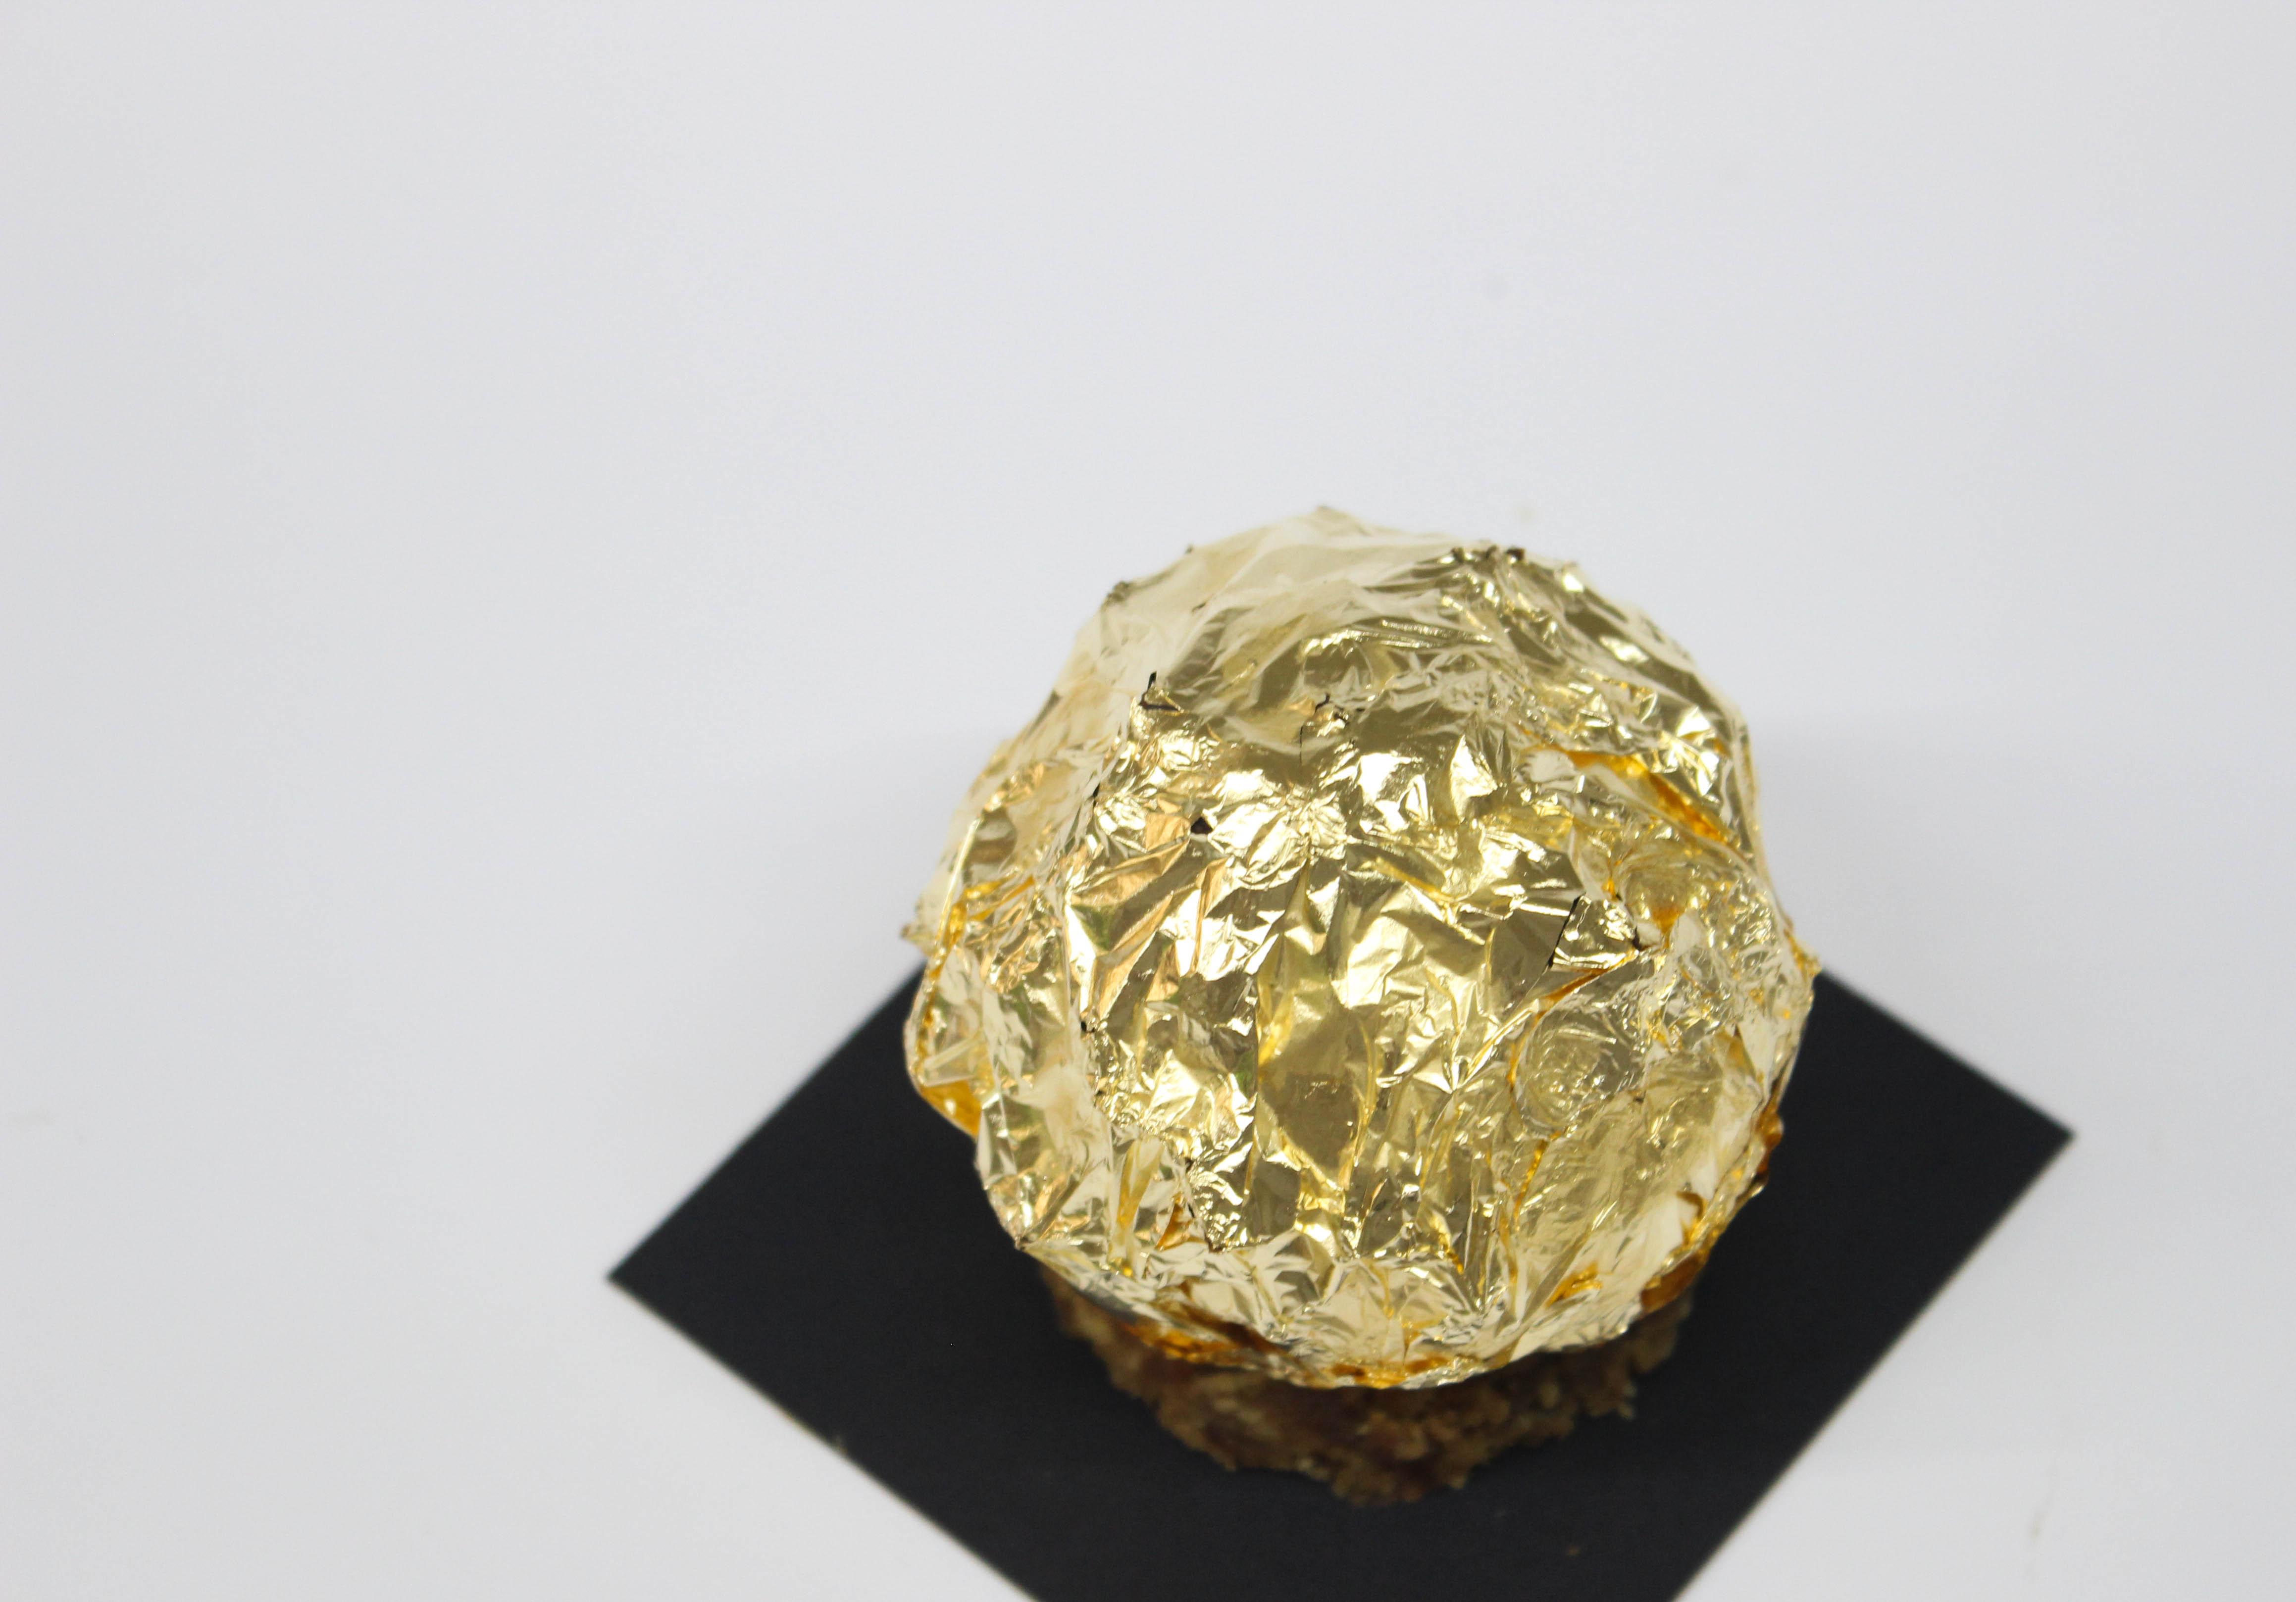 Grand Ferrero (2015)